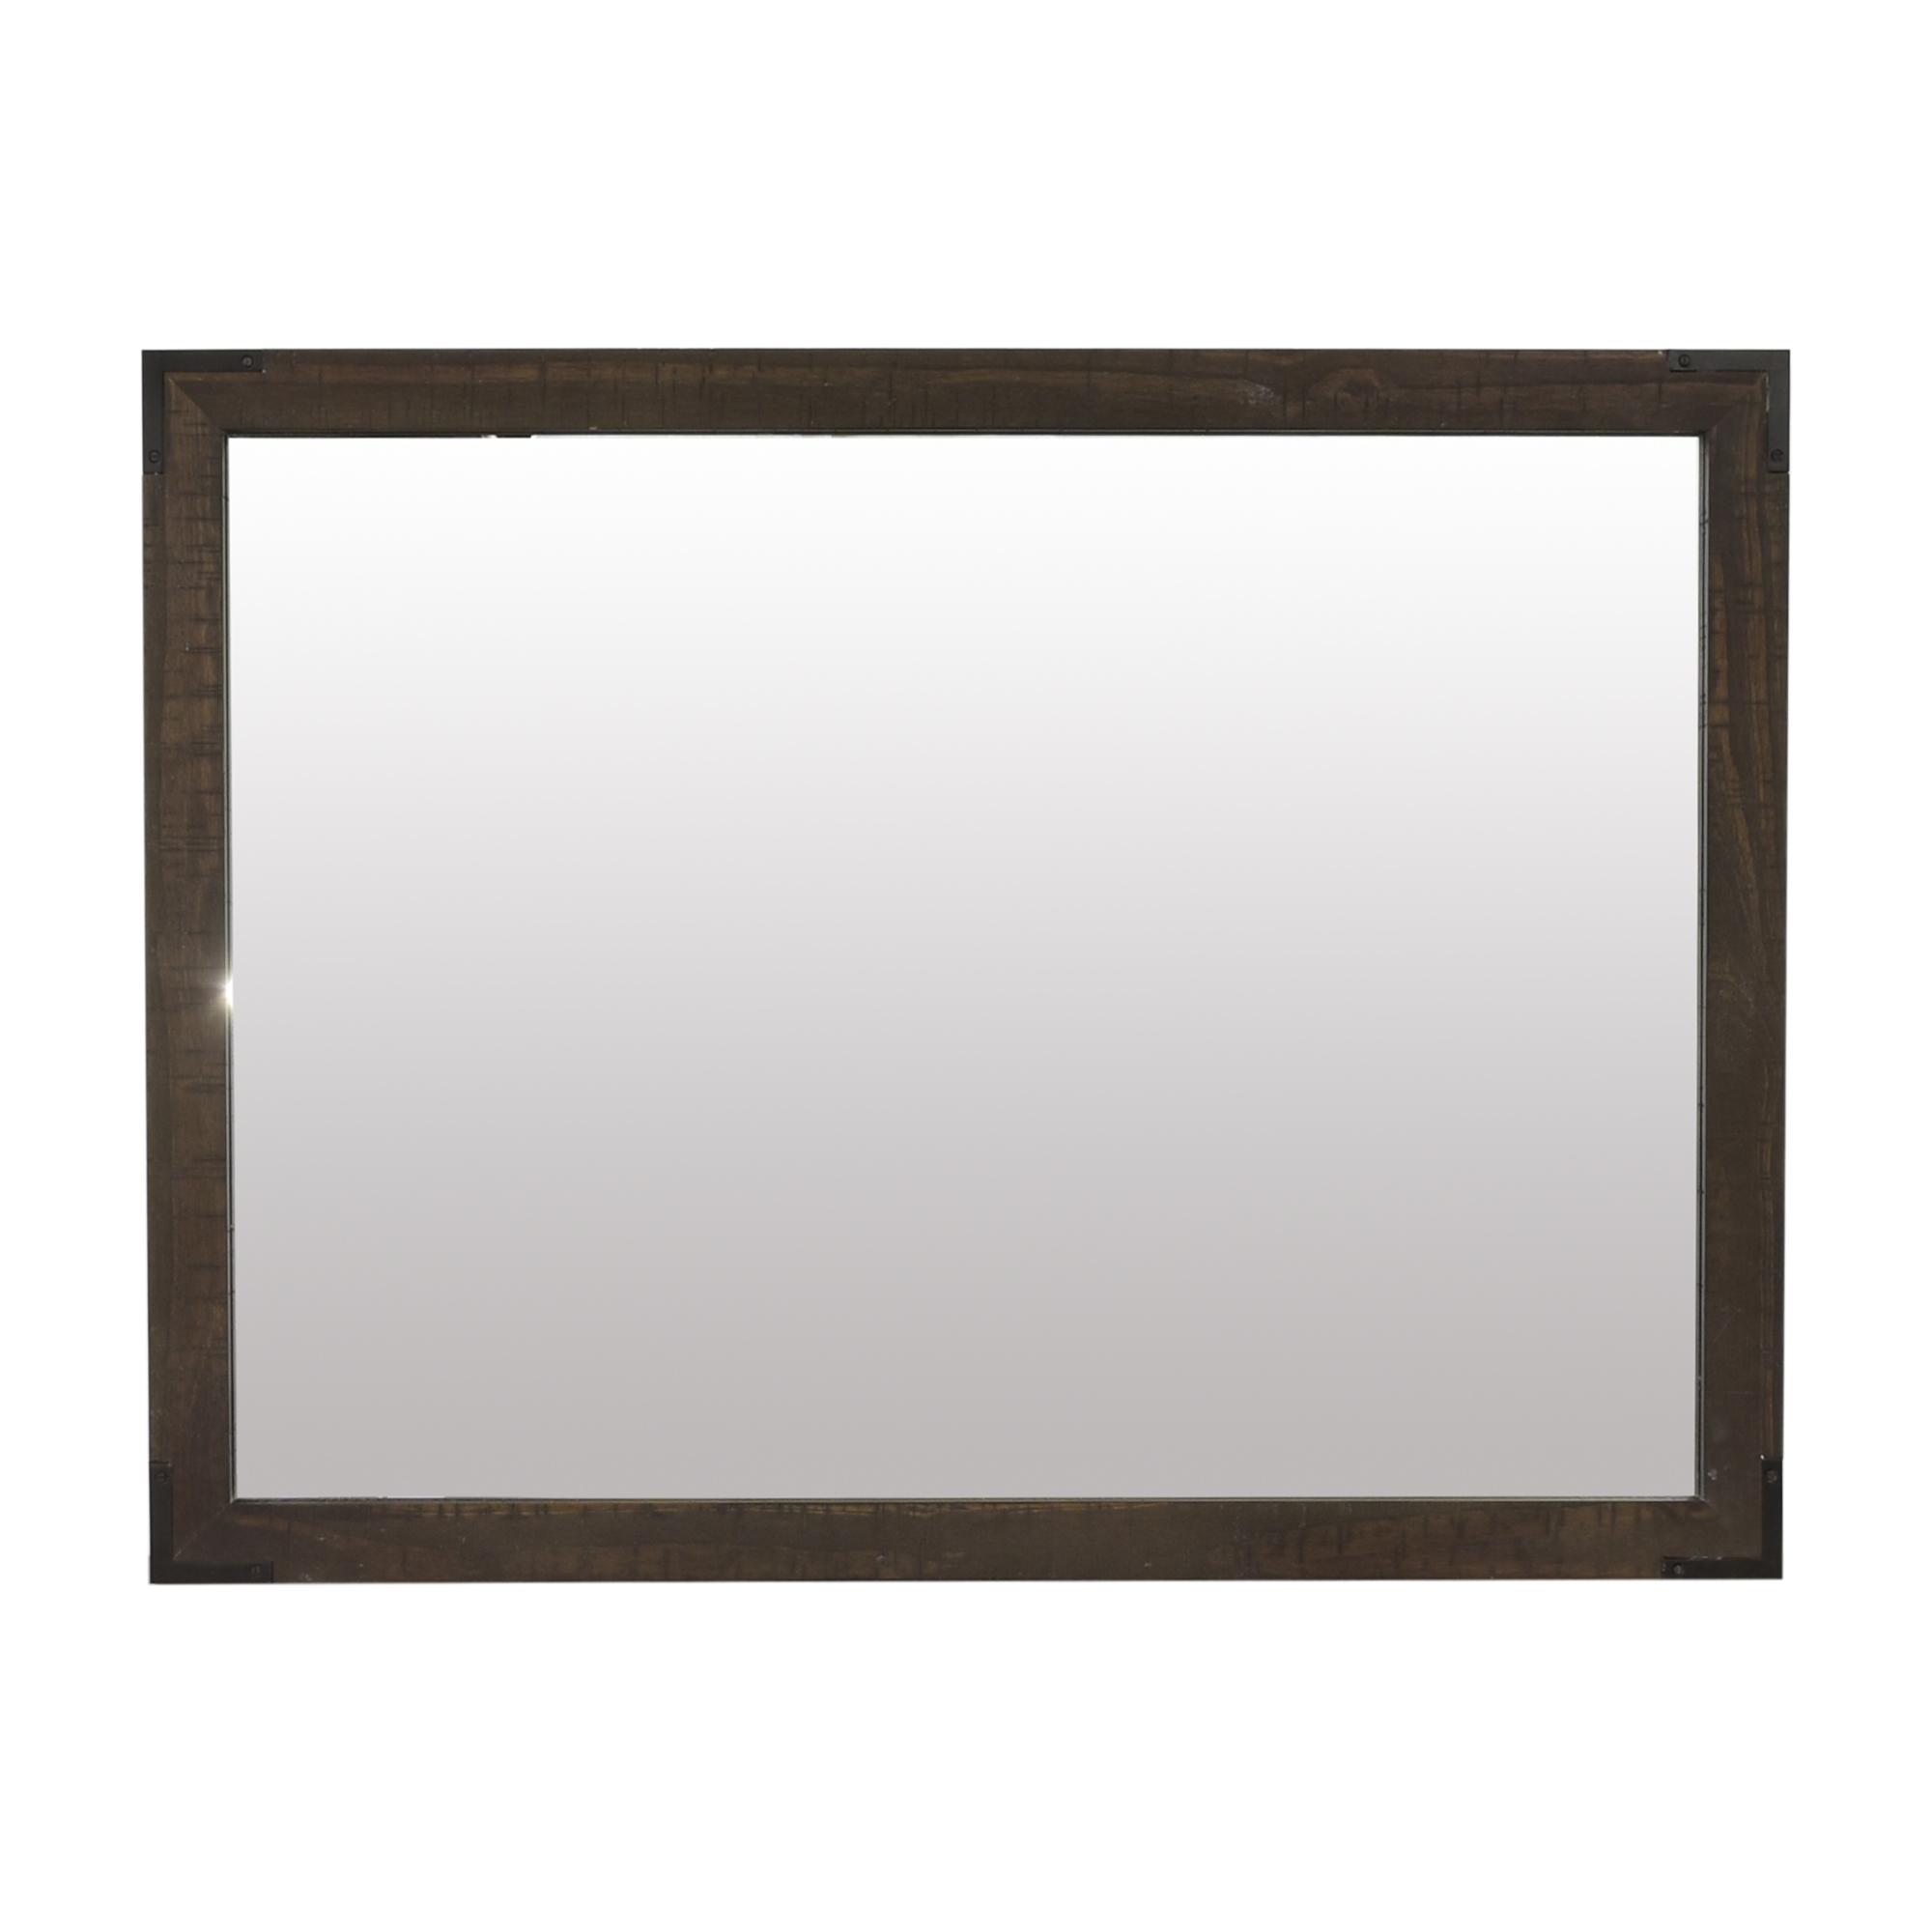 RH Baby & Child RH Baby & Child Weller Dresser Mirror nj